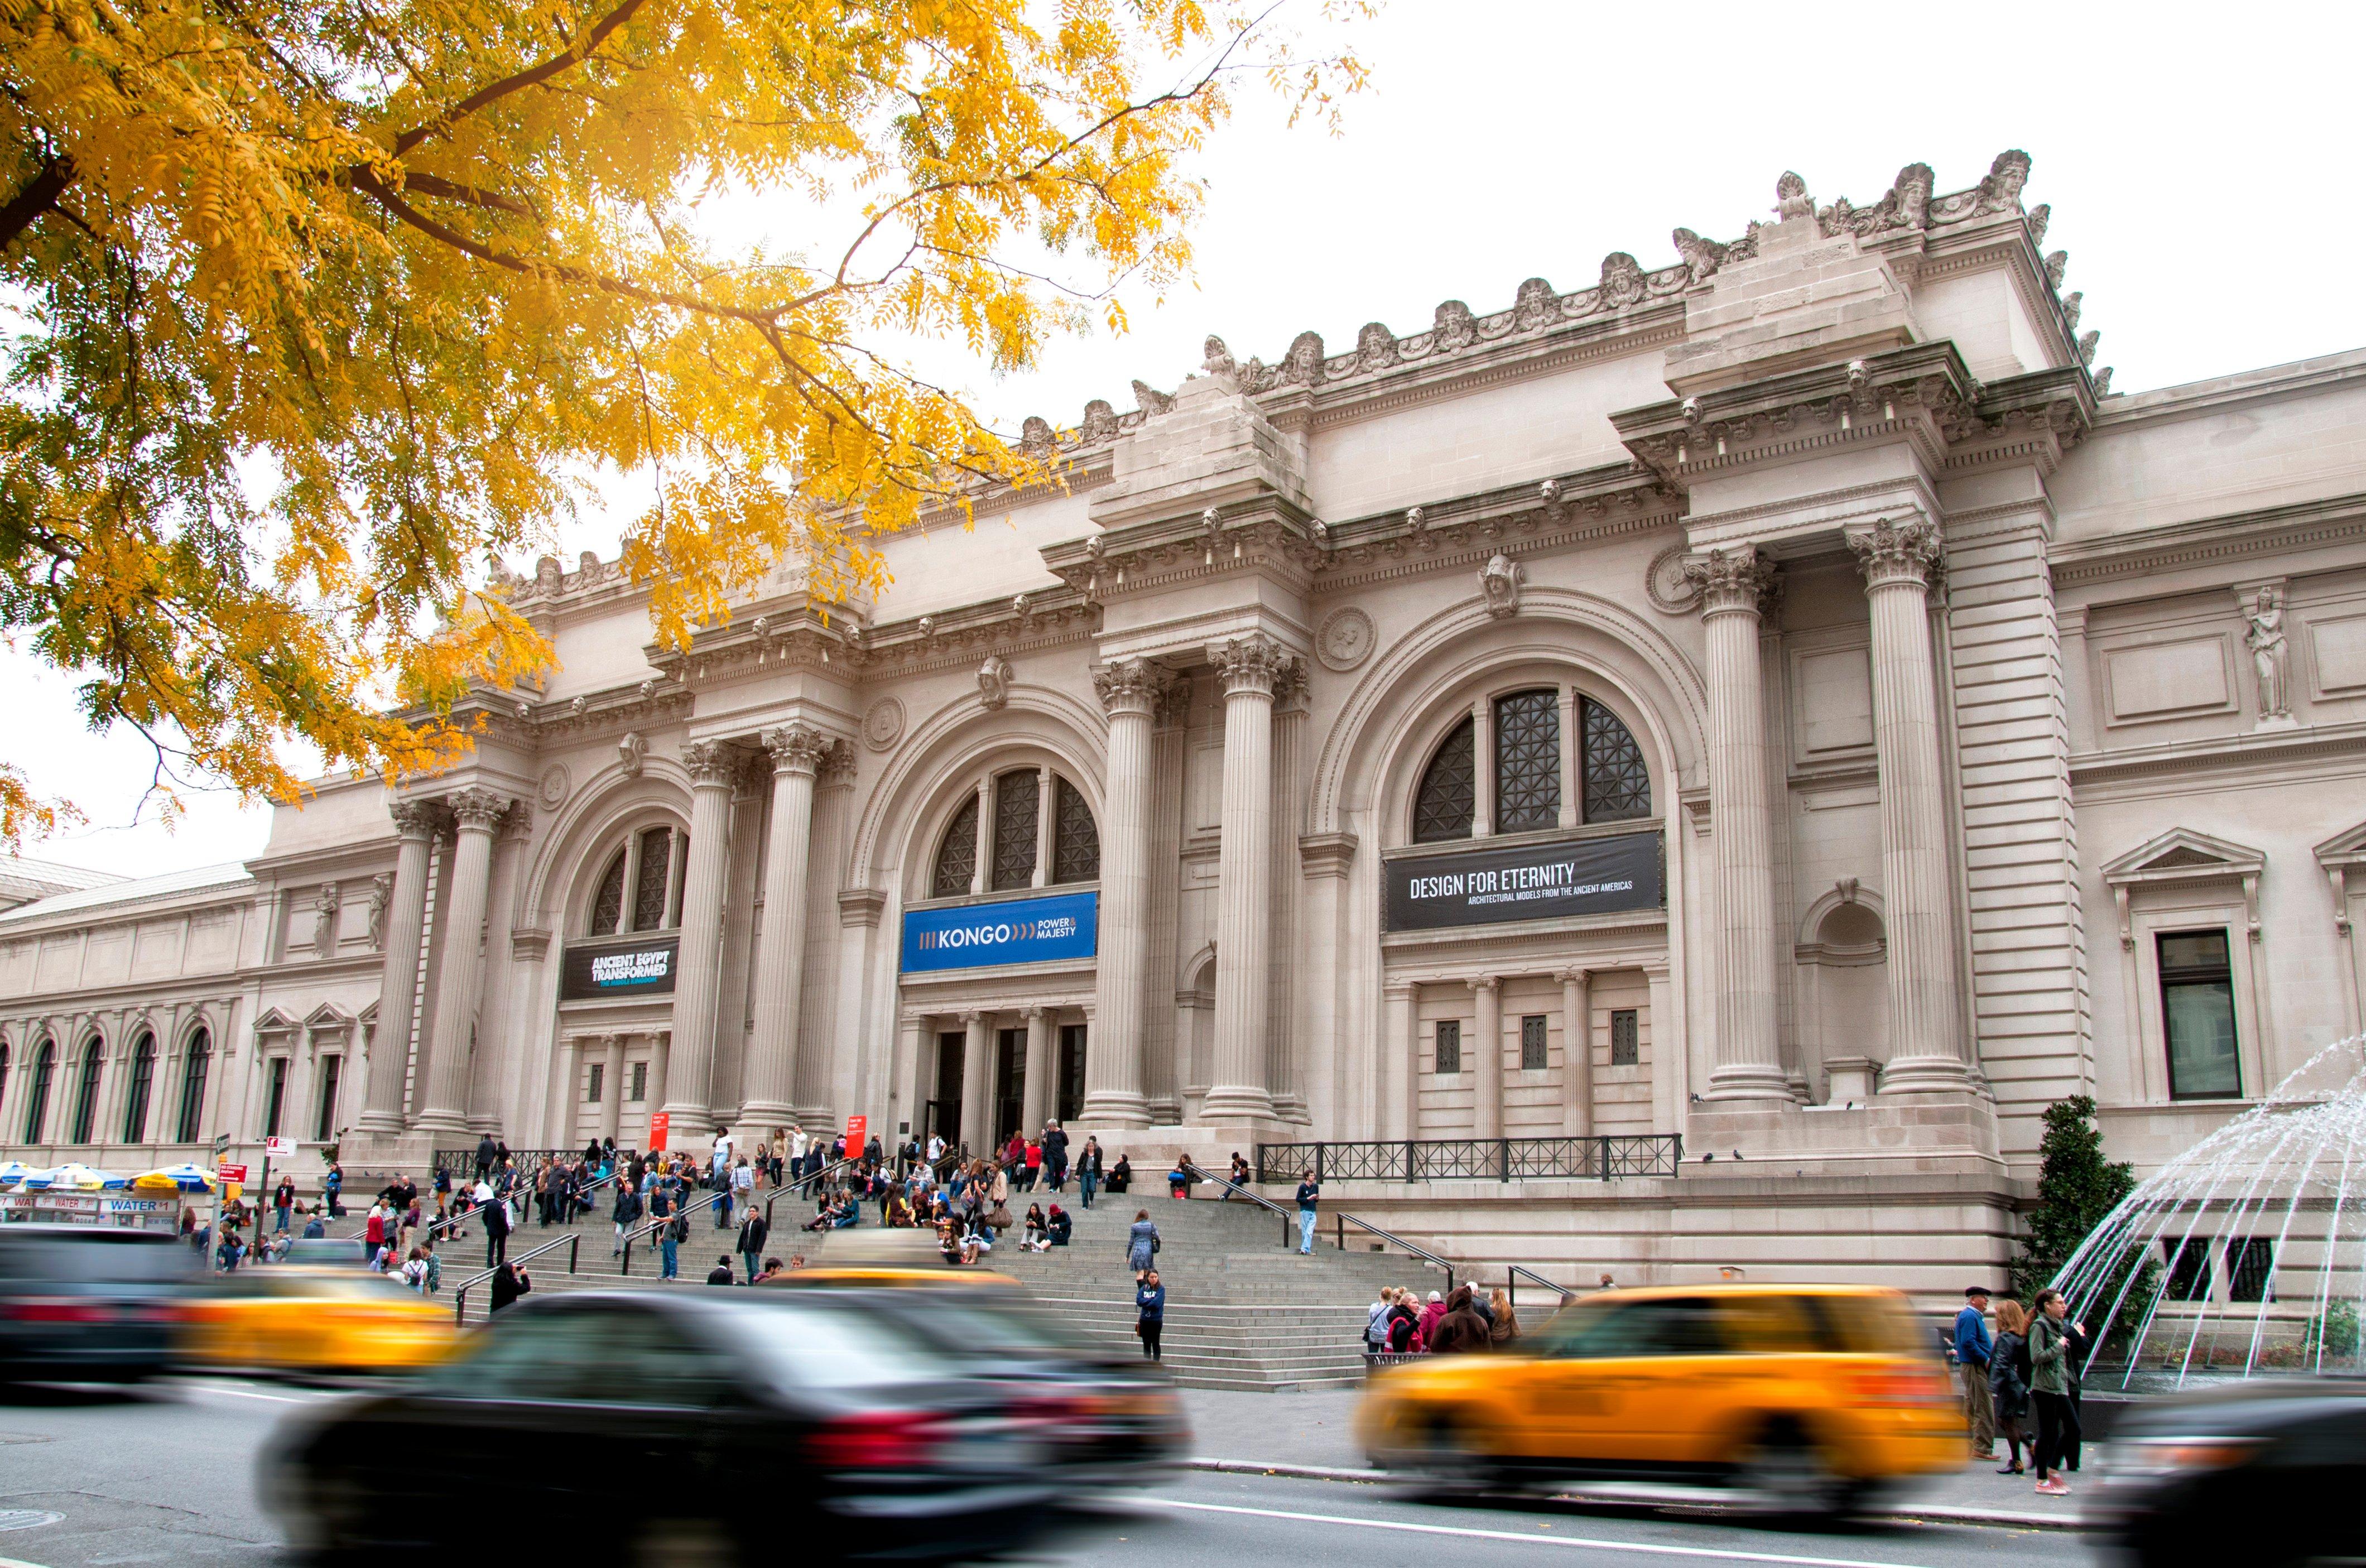 Entrada al Museo Metropolitano de Arte de Nueva York con taxis pasando por la calle